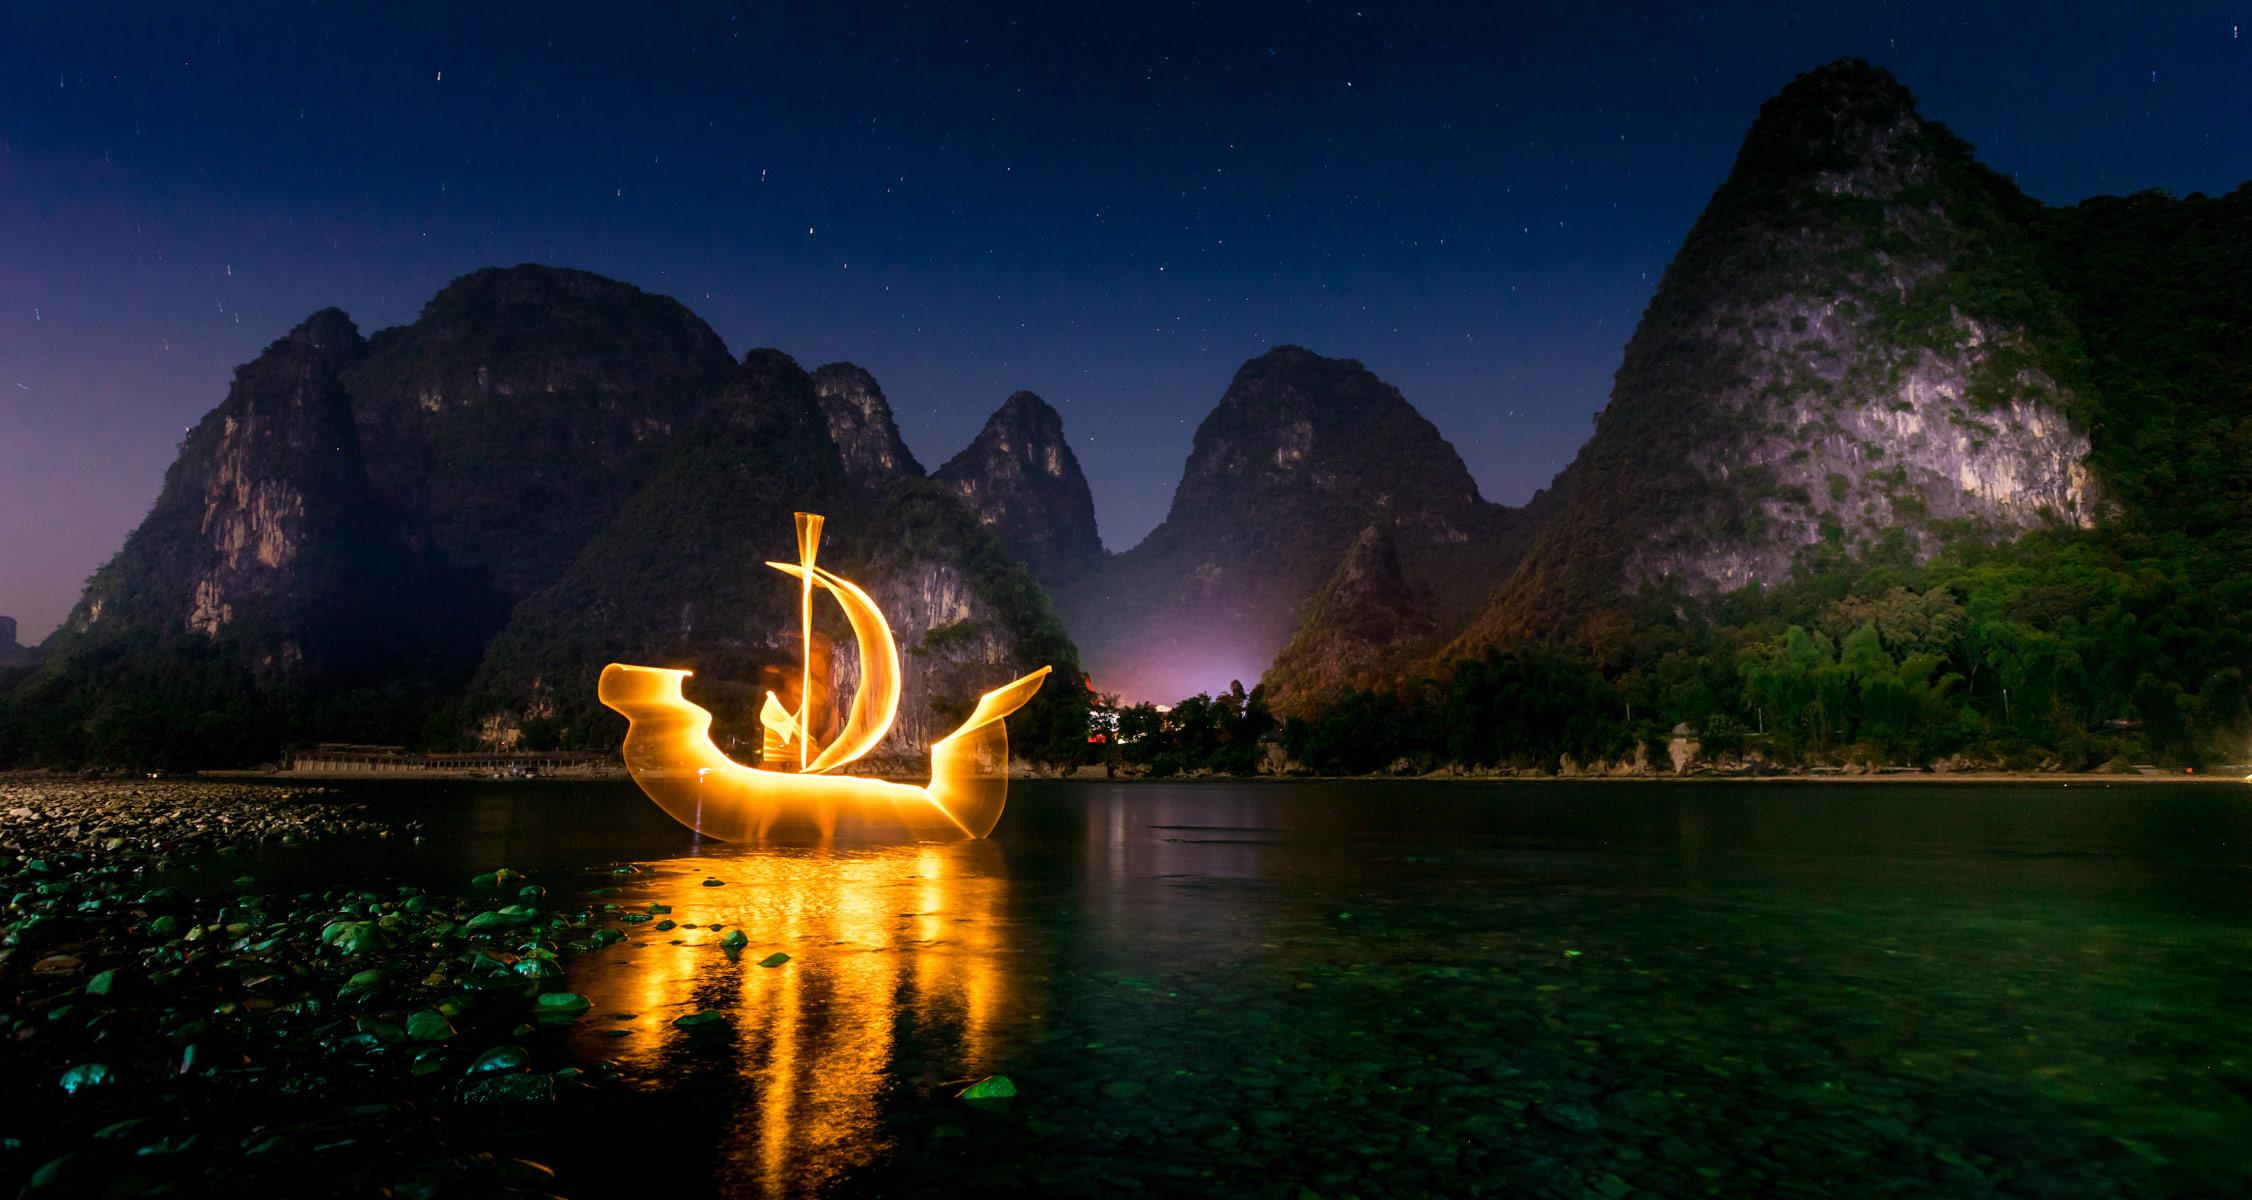 Landscape Light Painting